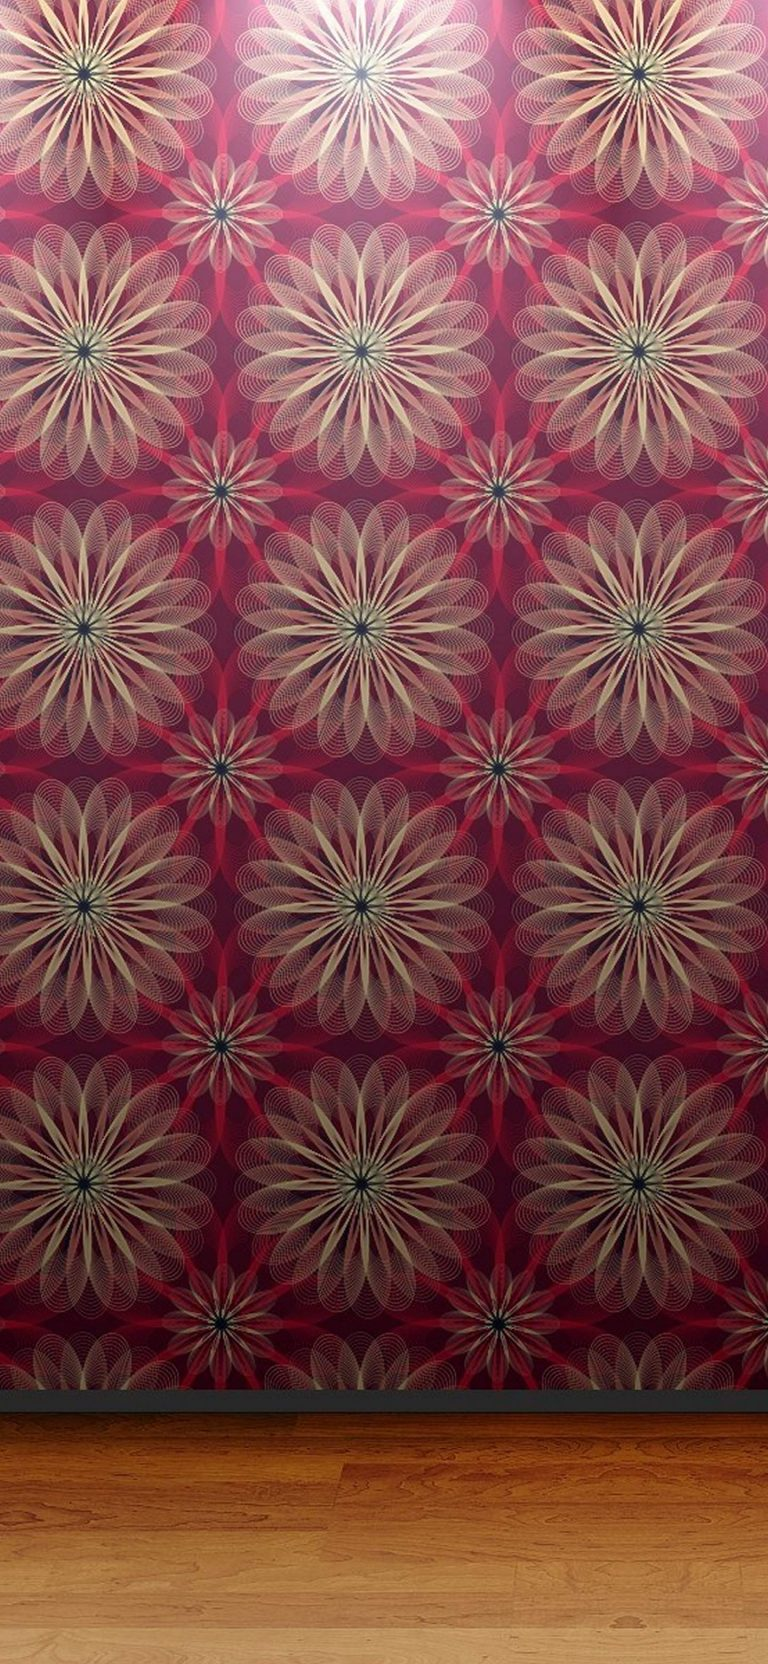 1440x3120 Wallpaper 082 768x1664